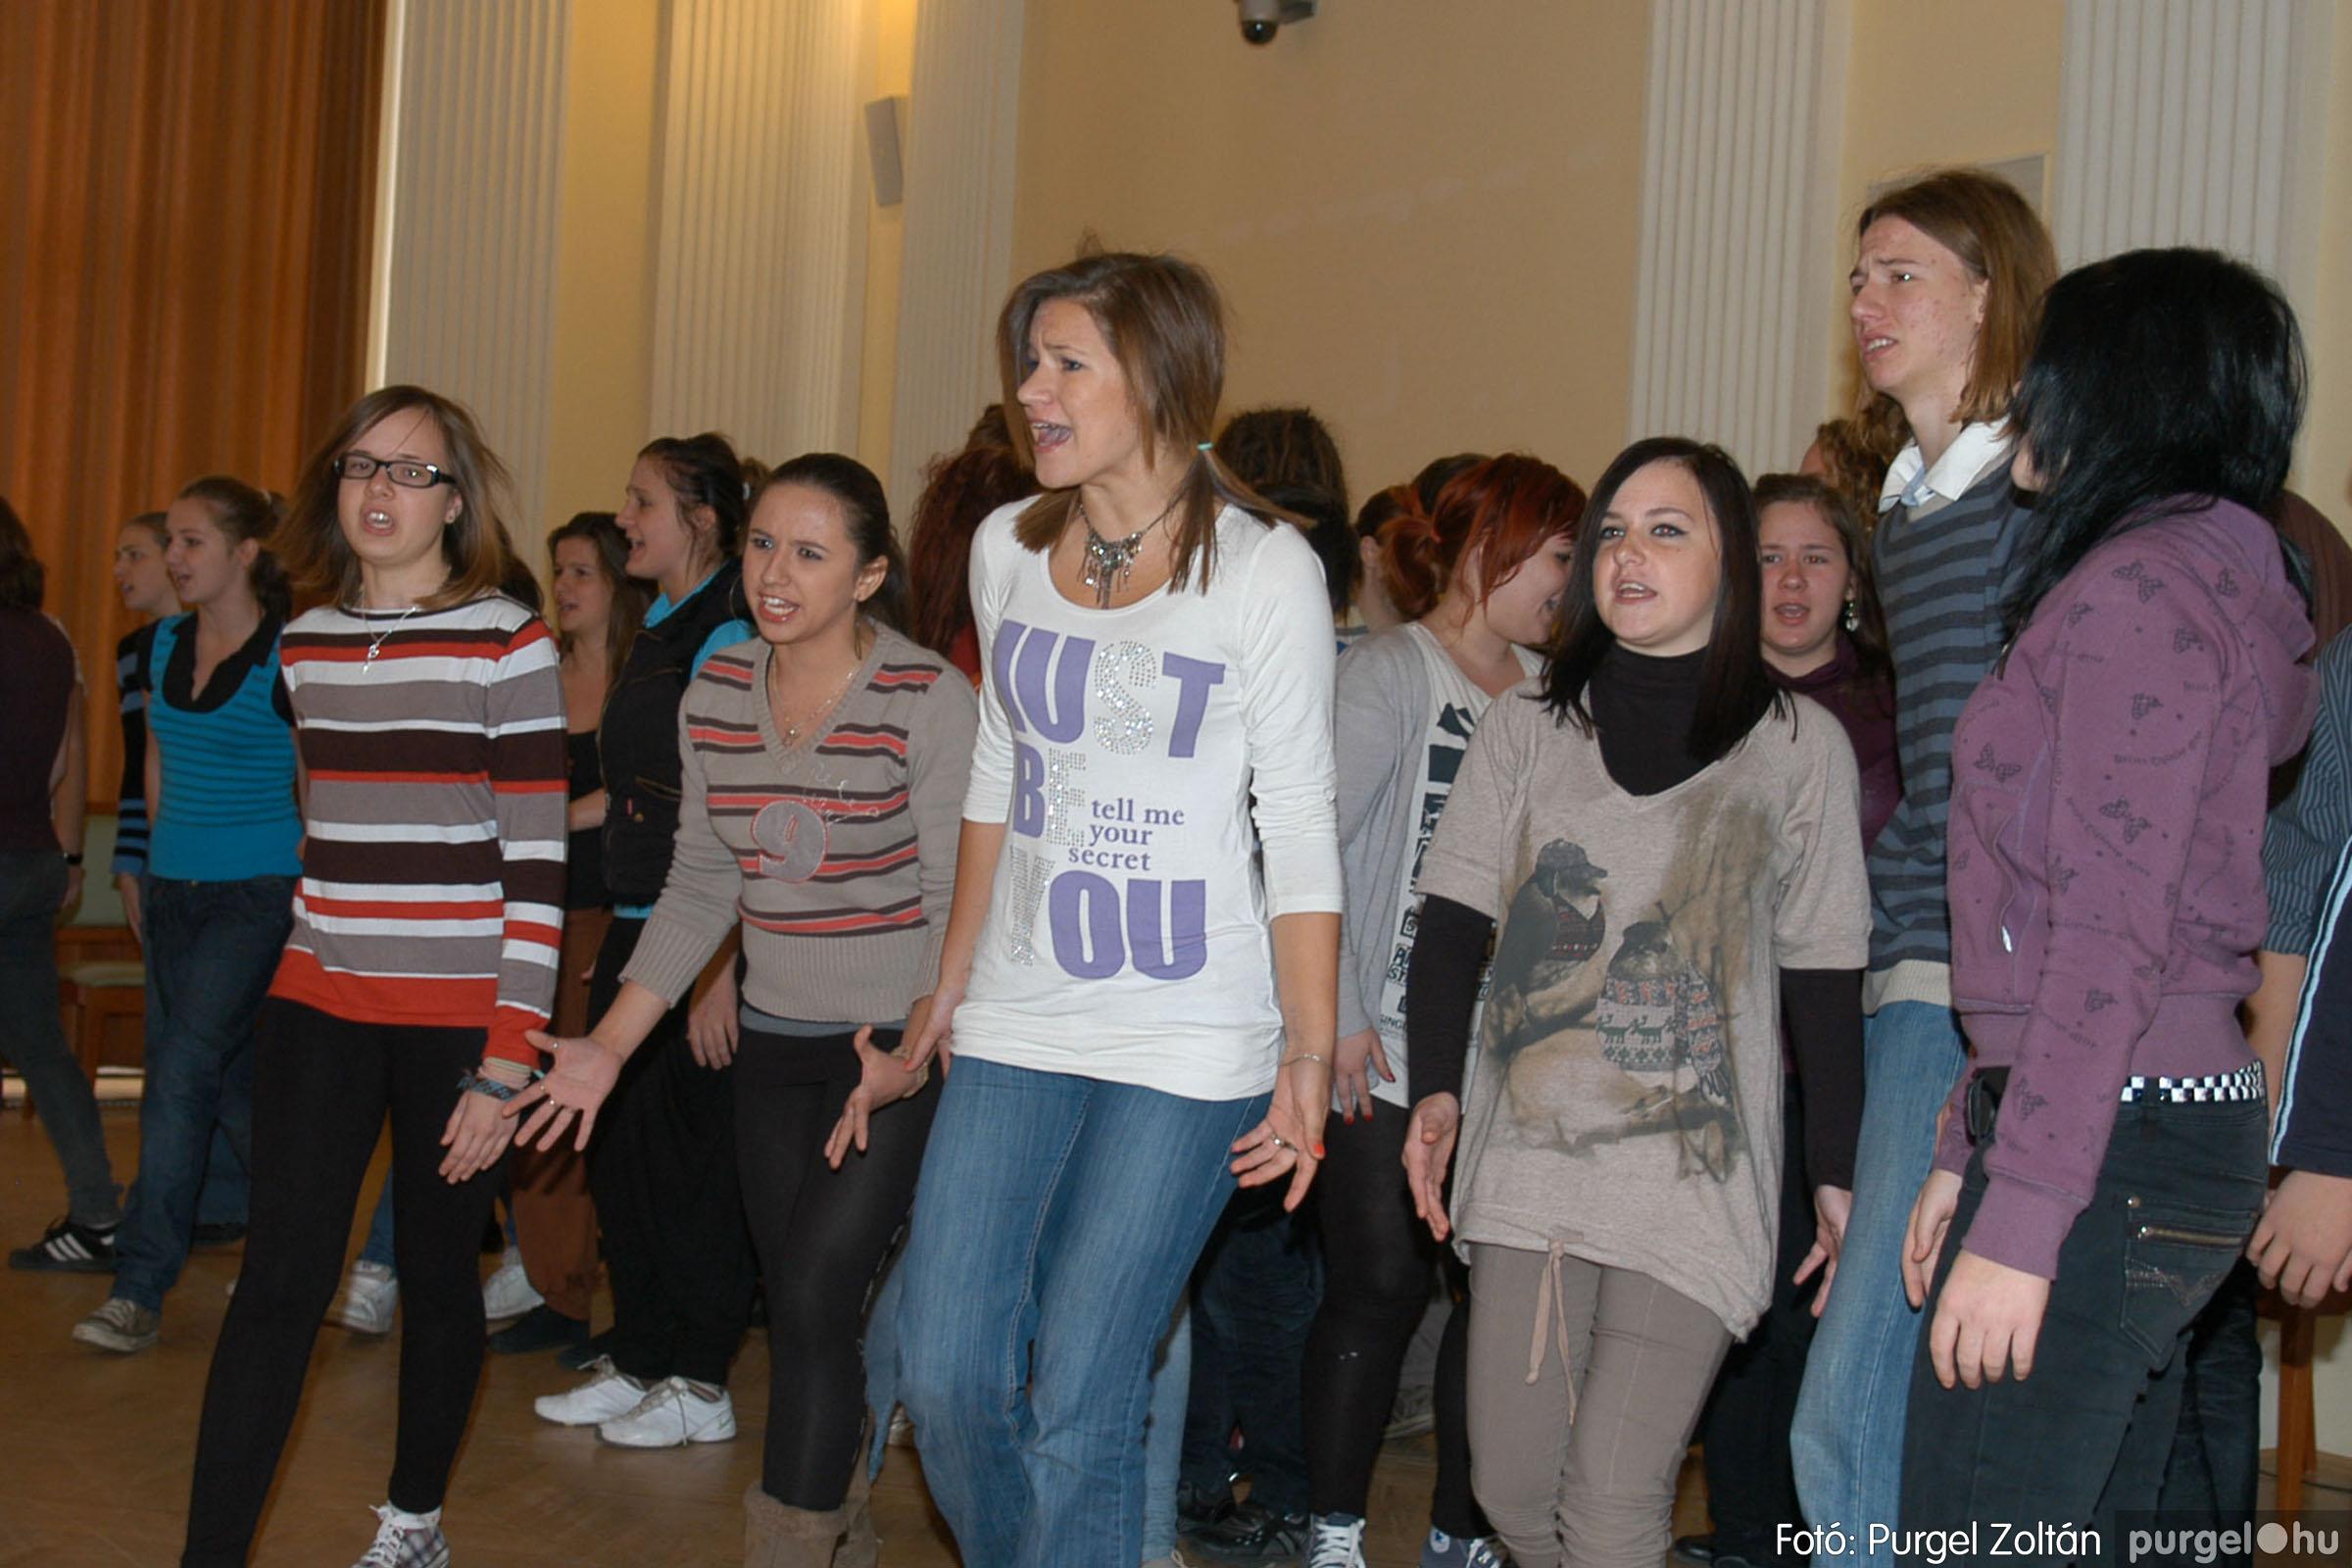 2010.10.28. 103 Szegvár és Vidéke Takarékszövetkezet takarékossági világnap rendezvény - Fotó:P. Z..jpg